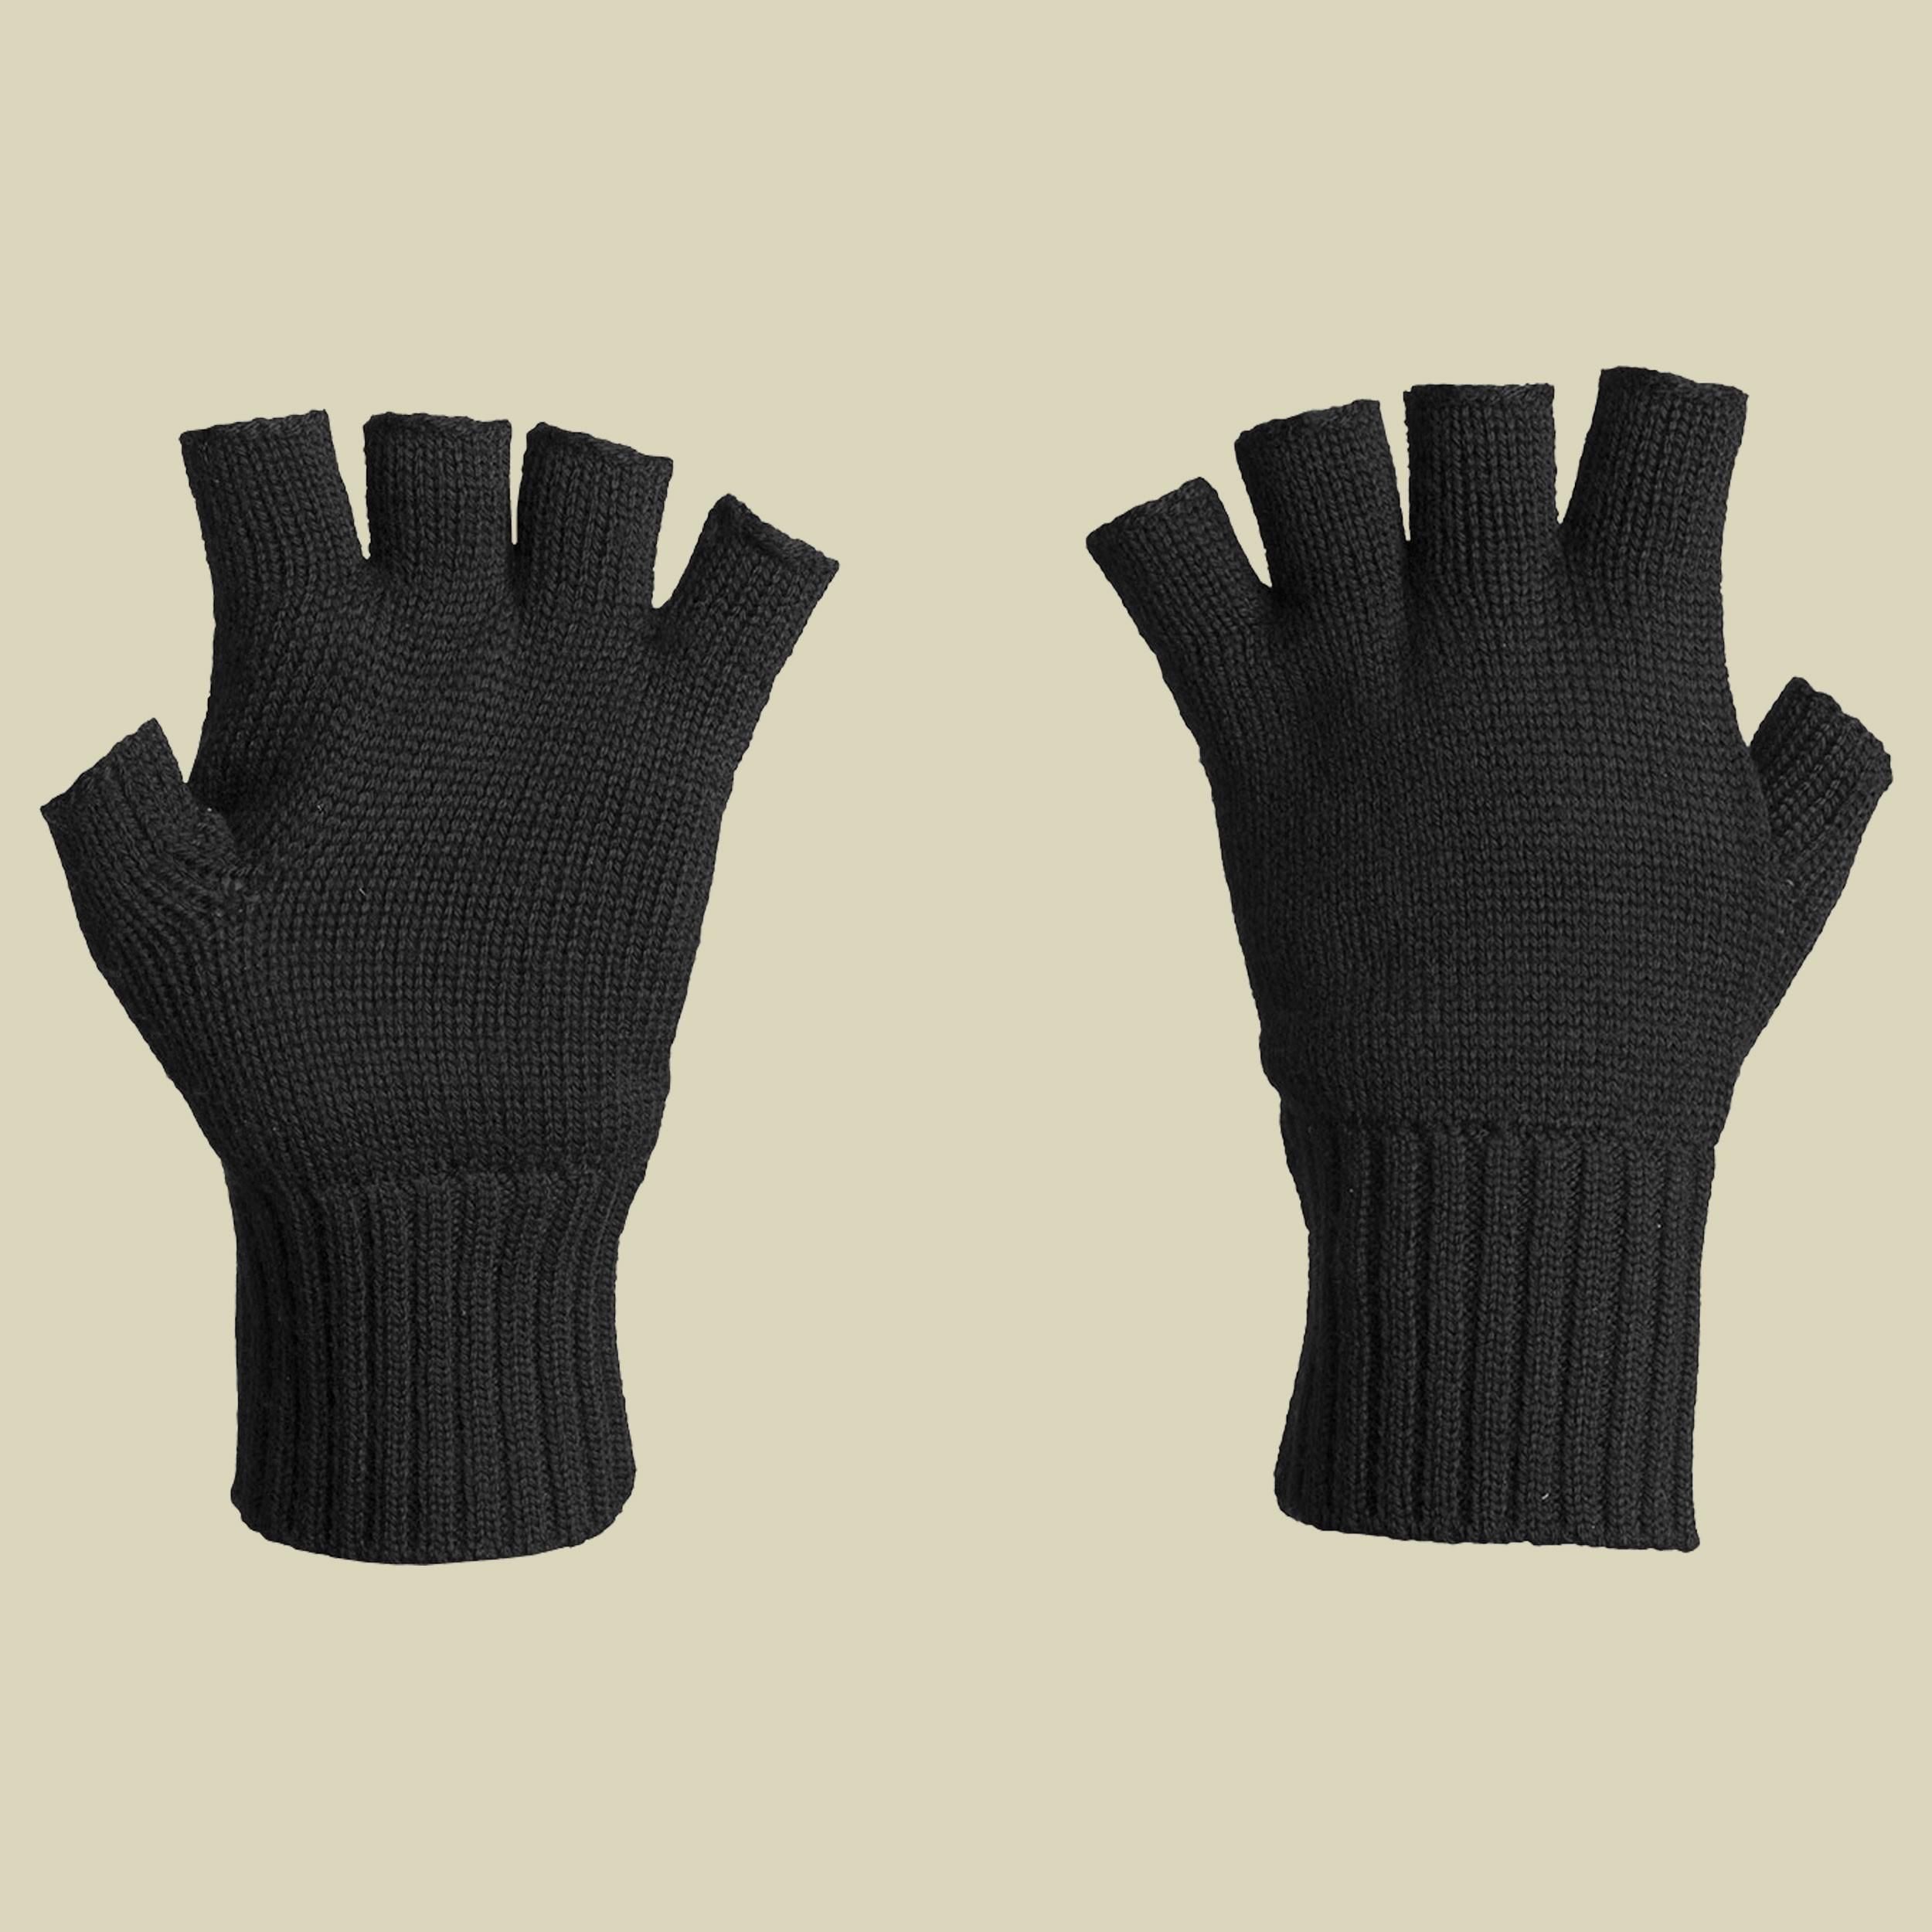 Highline Fingerless Glove 320